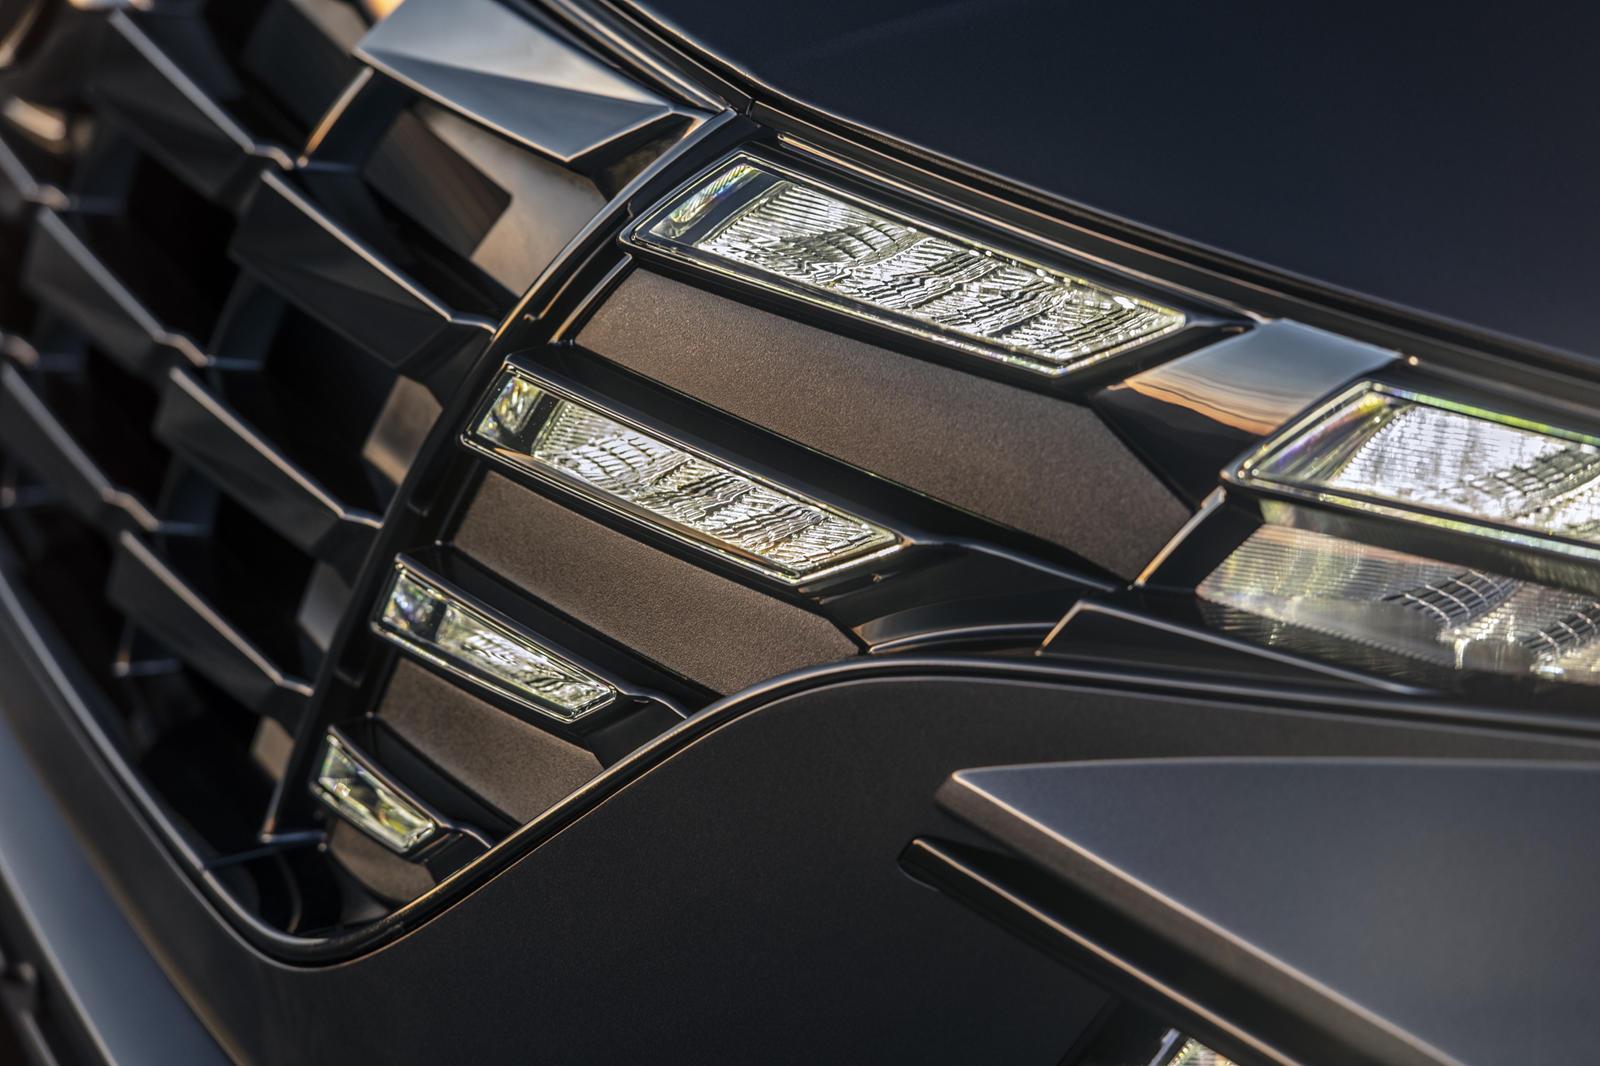 Все три комплектаций для подключаемого гибрида Tucson в стандартной комплектации поставляются с механическим полным приводом и комбинацией режимов для различных поверхностей, включая снег.